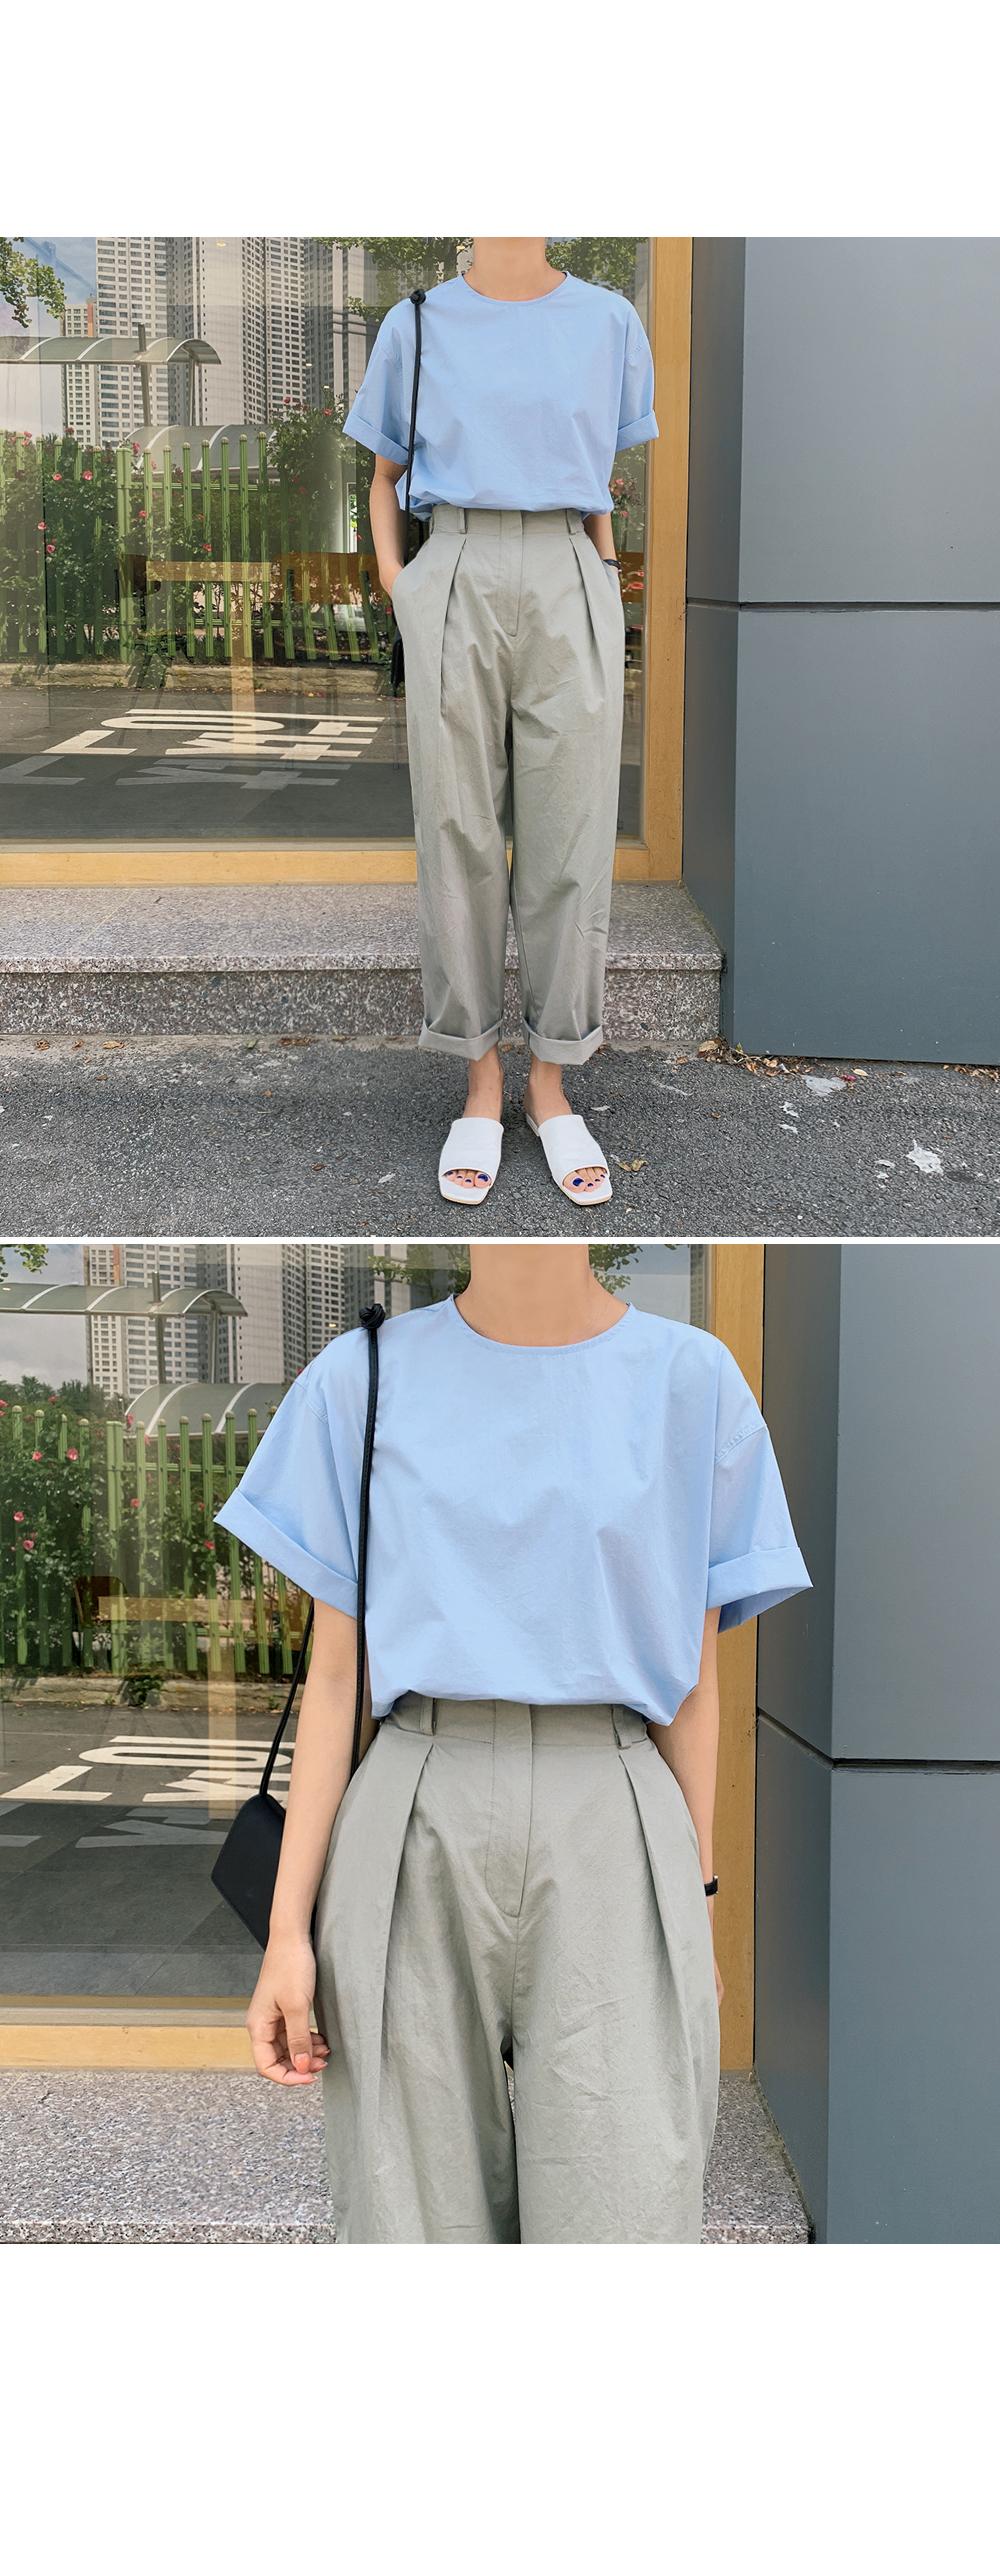 Roll Up Short Sleeve Blouse-Holiholic